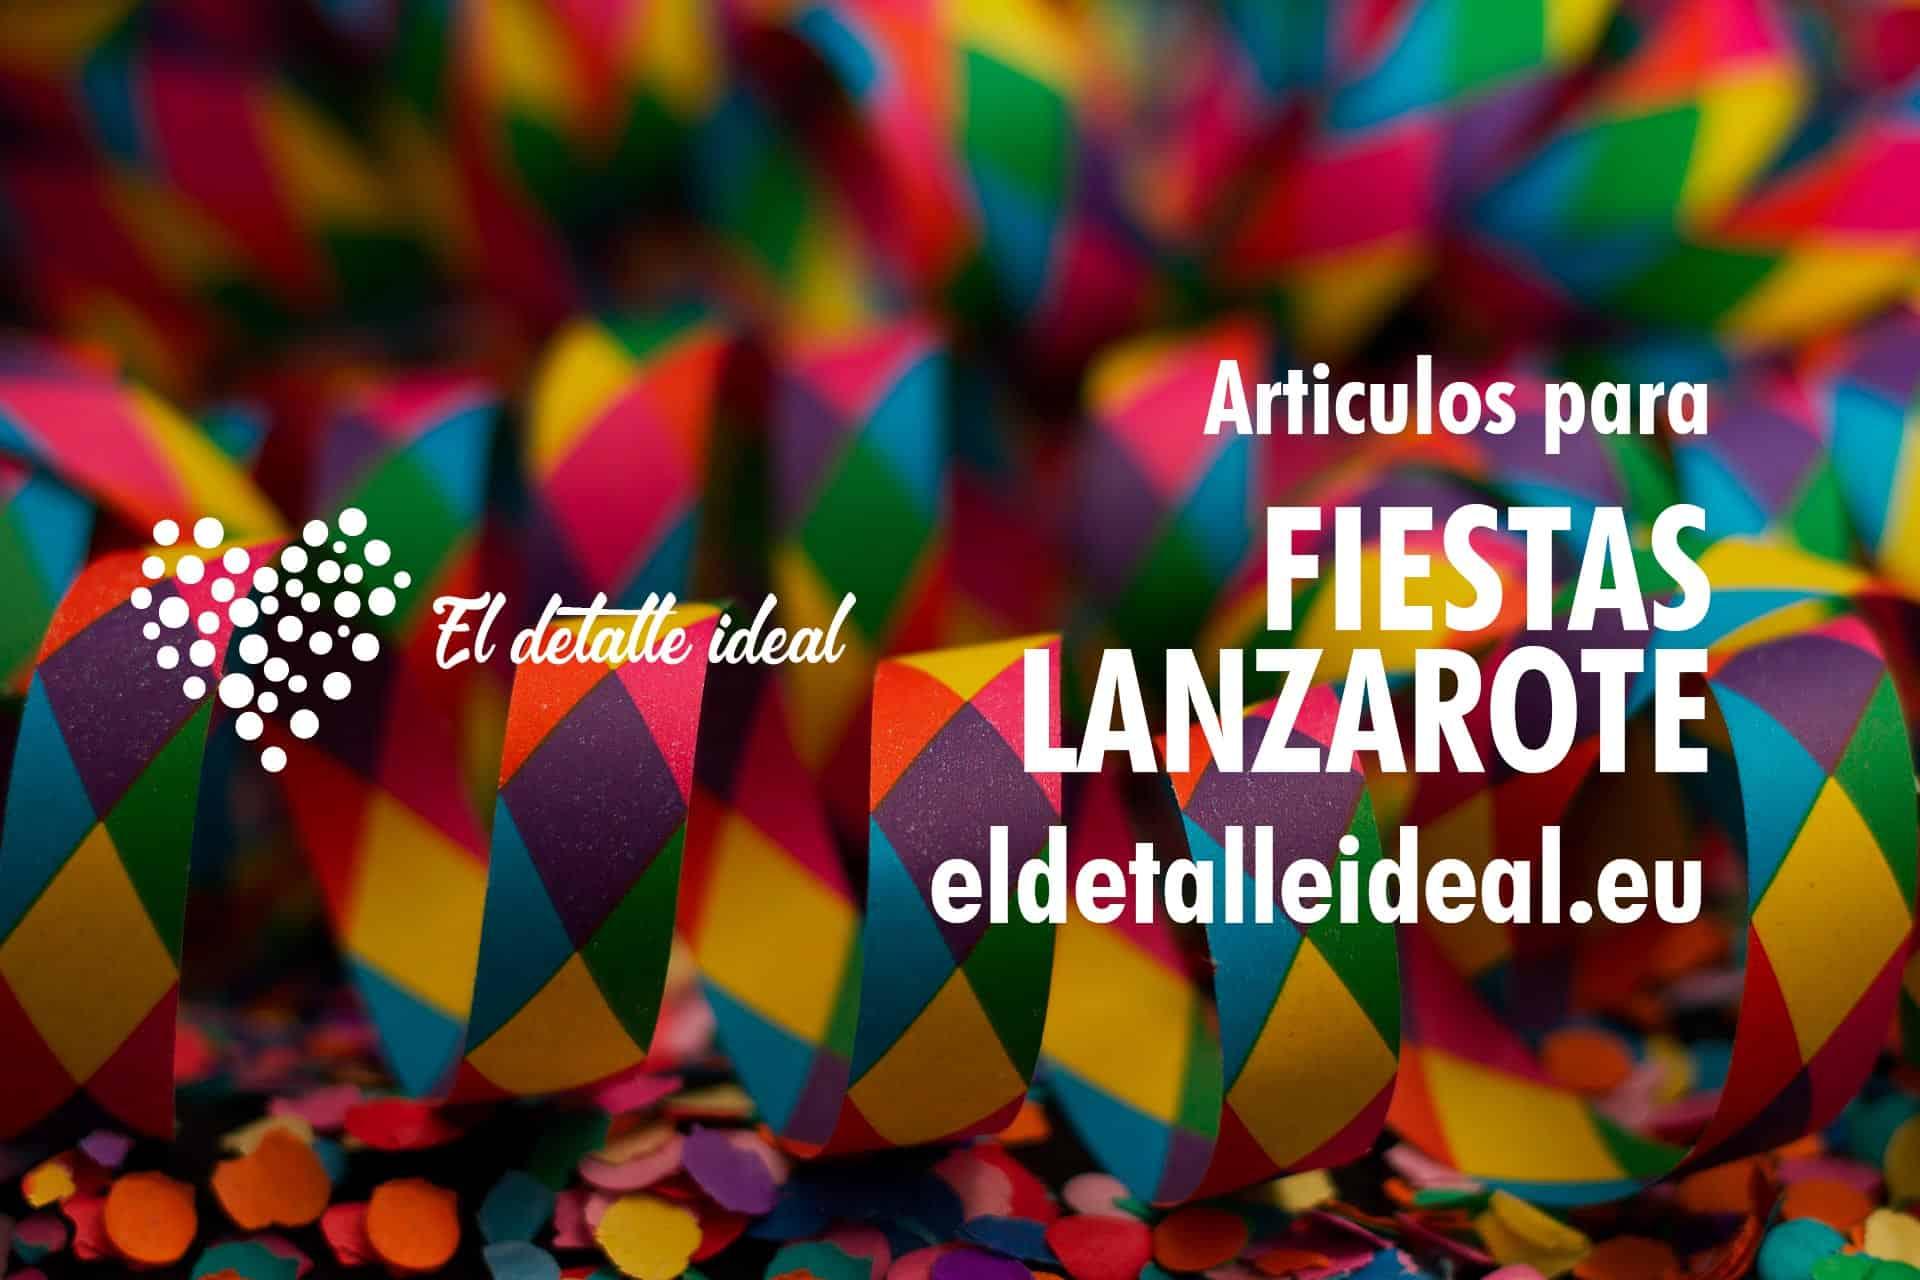 Articulos para fiestas cumpleaños en Lanzarote